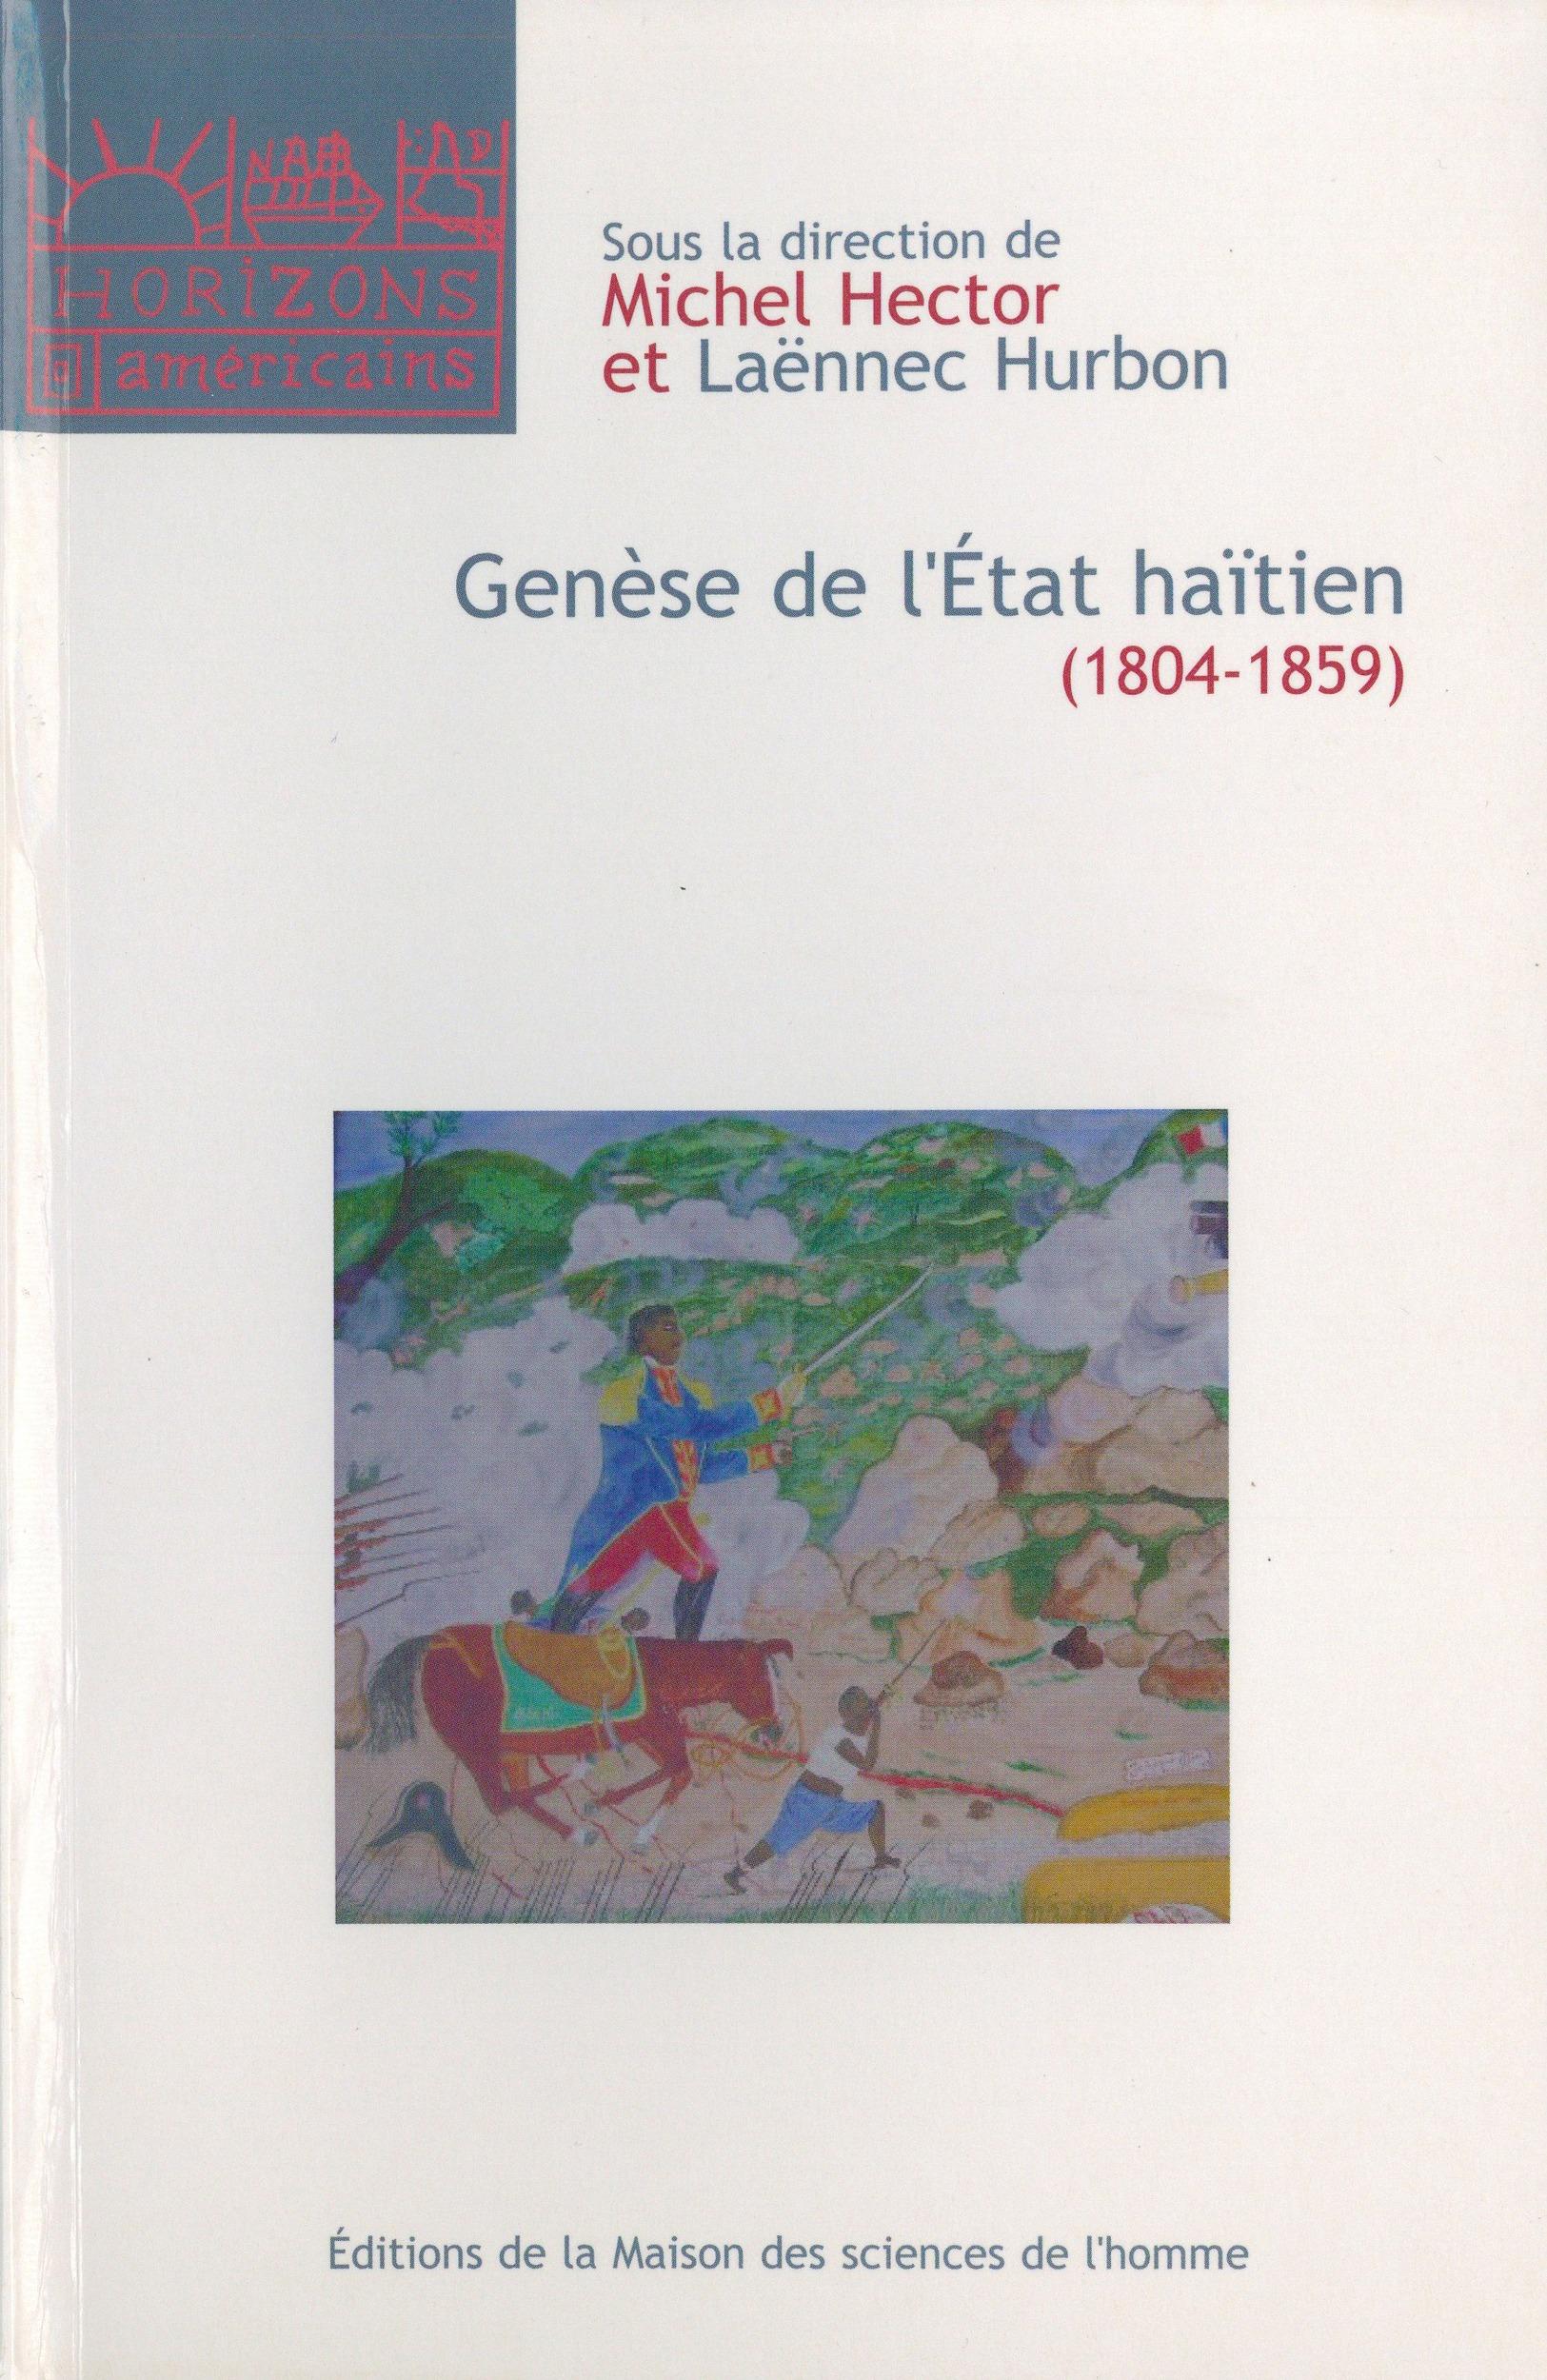 Genèse de l'État haïtien (1804-1859)